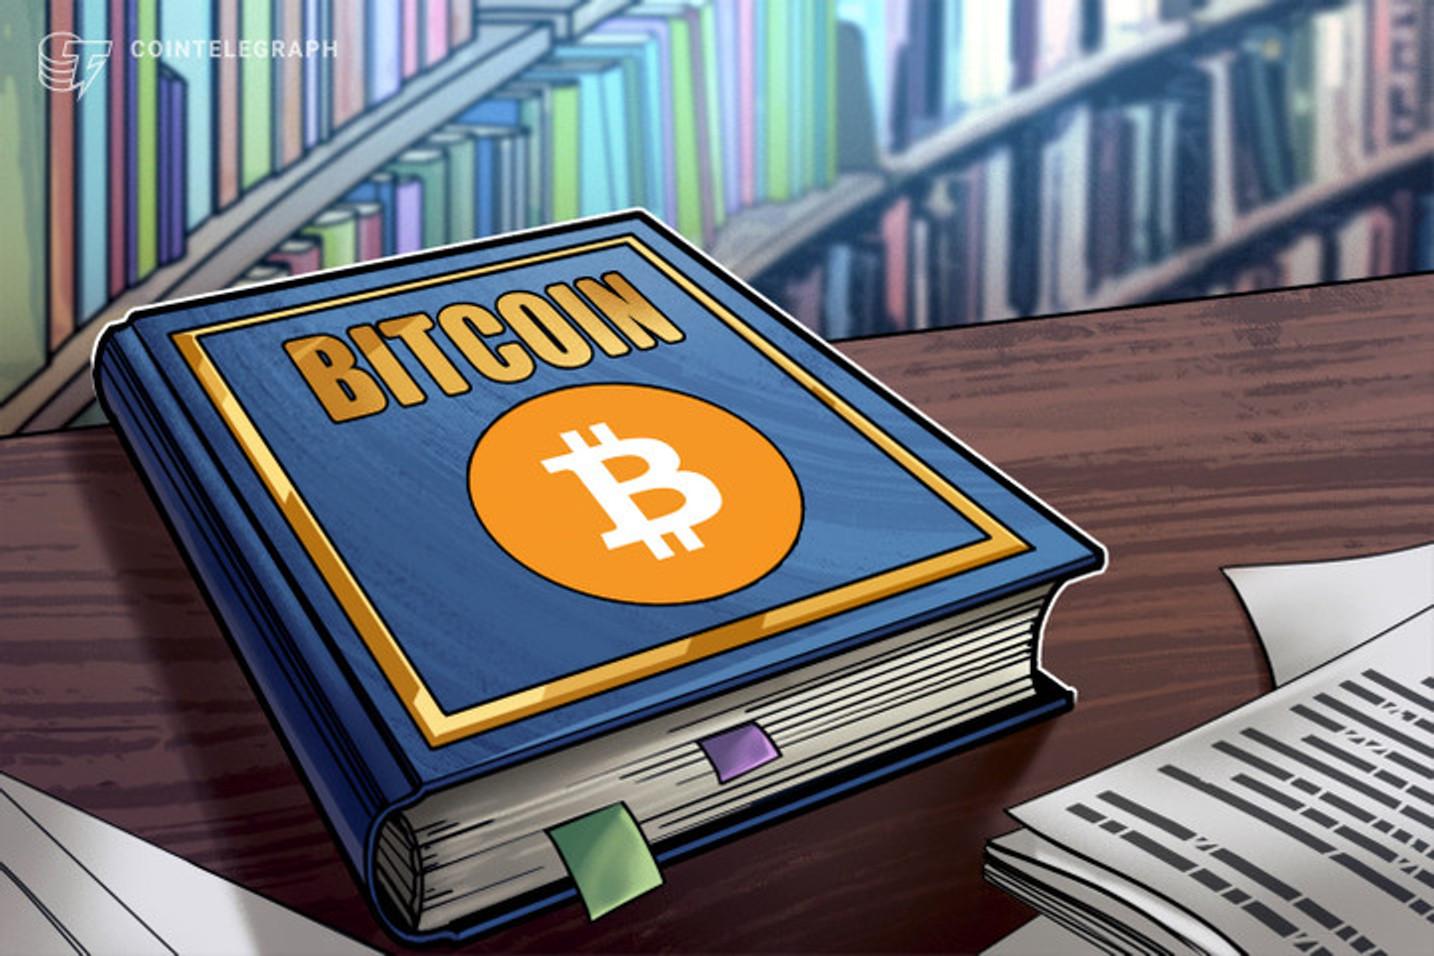 SatoshiTango lanzó un eBook sobre Bitcoin para principiantes